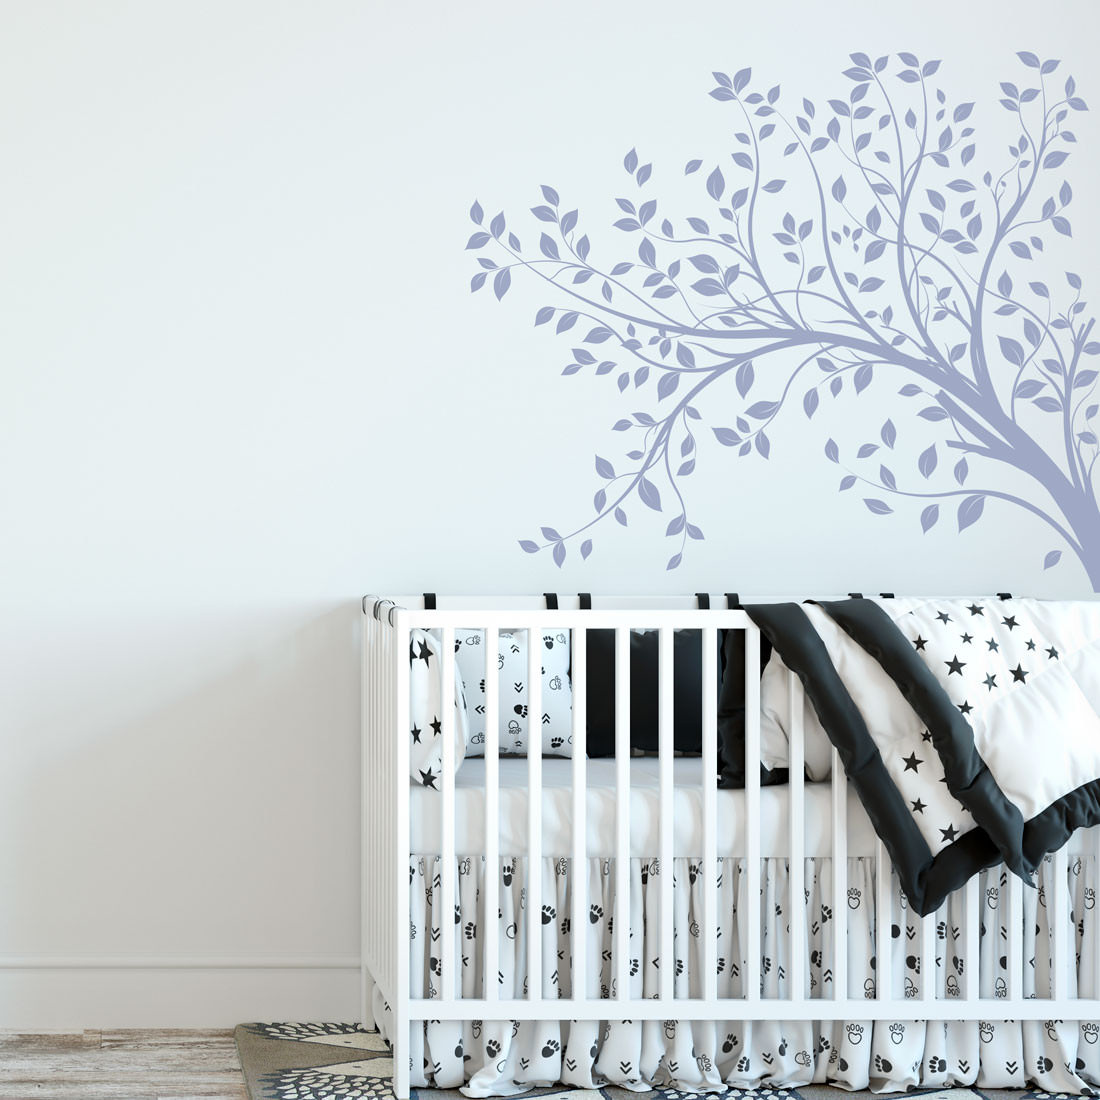 Adesivo Decorativo de Parede Infantil Galho Folhas Natureza